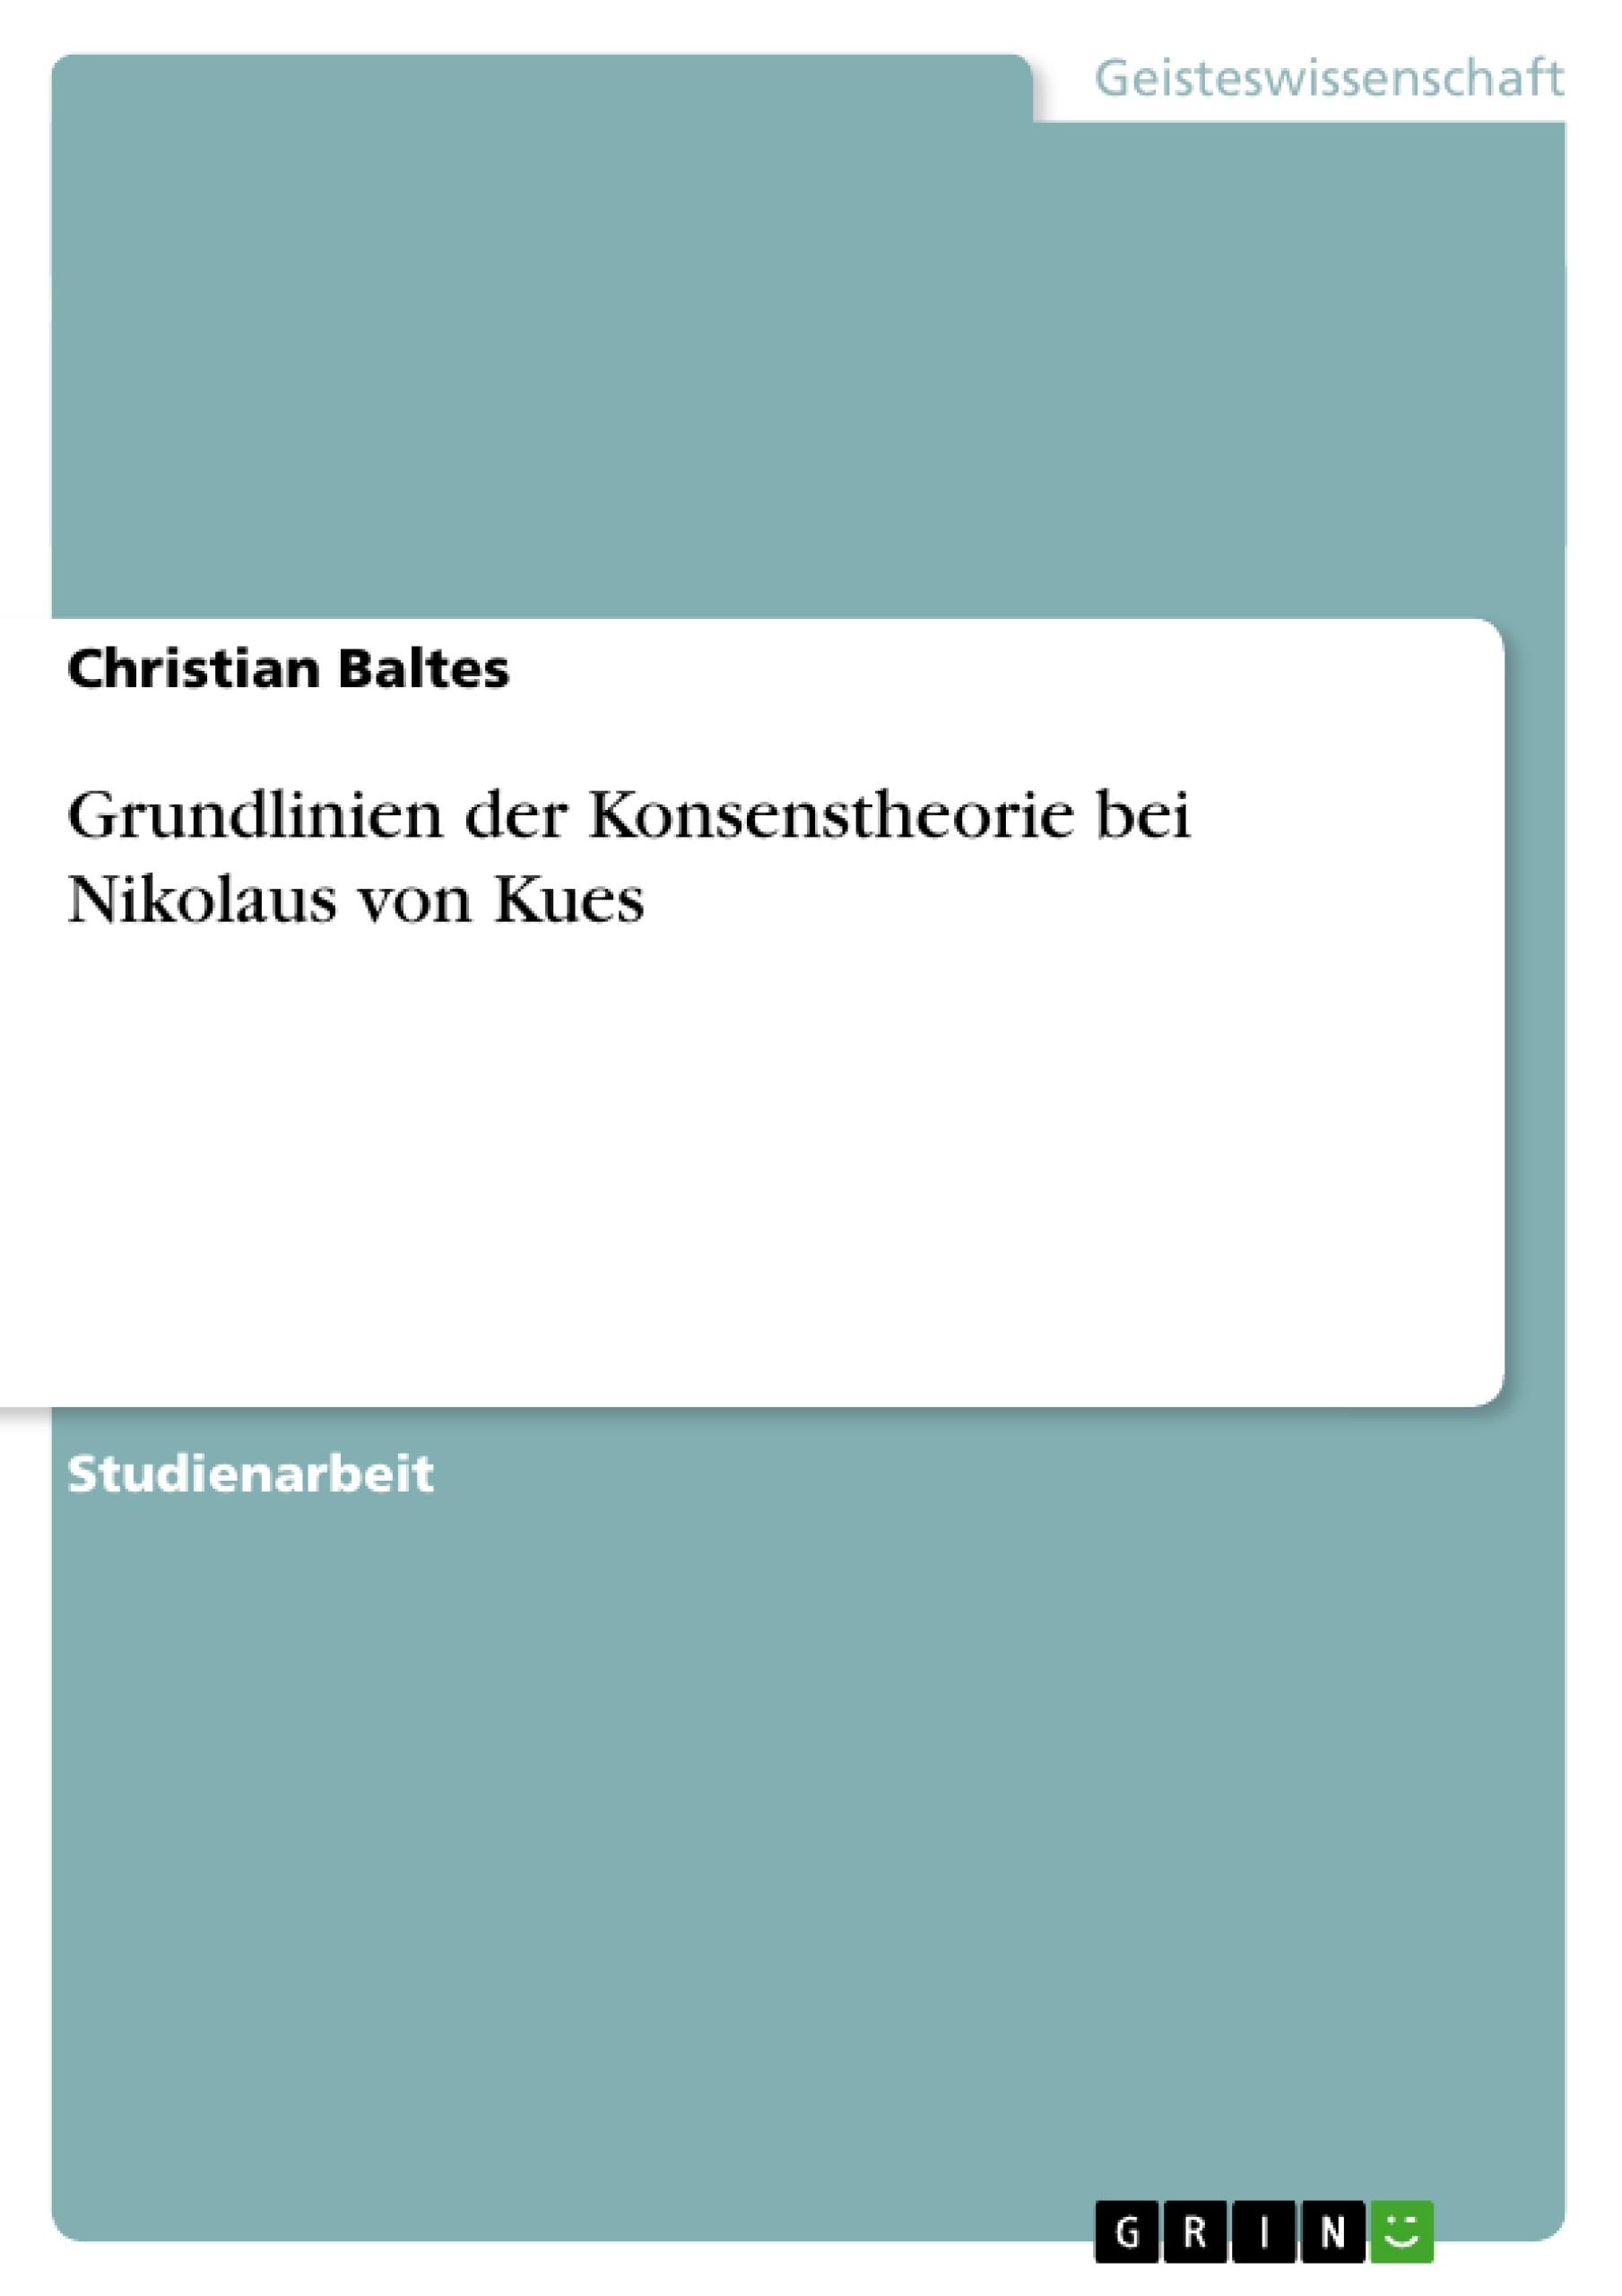 Titel: Grundlinien der Konsenstheorie bei Nikolaus von Kues